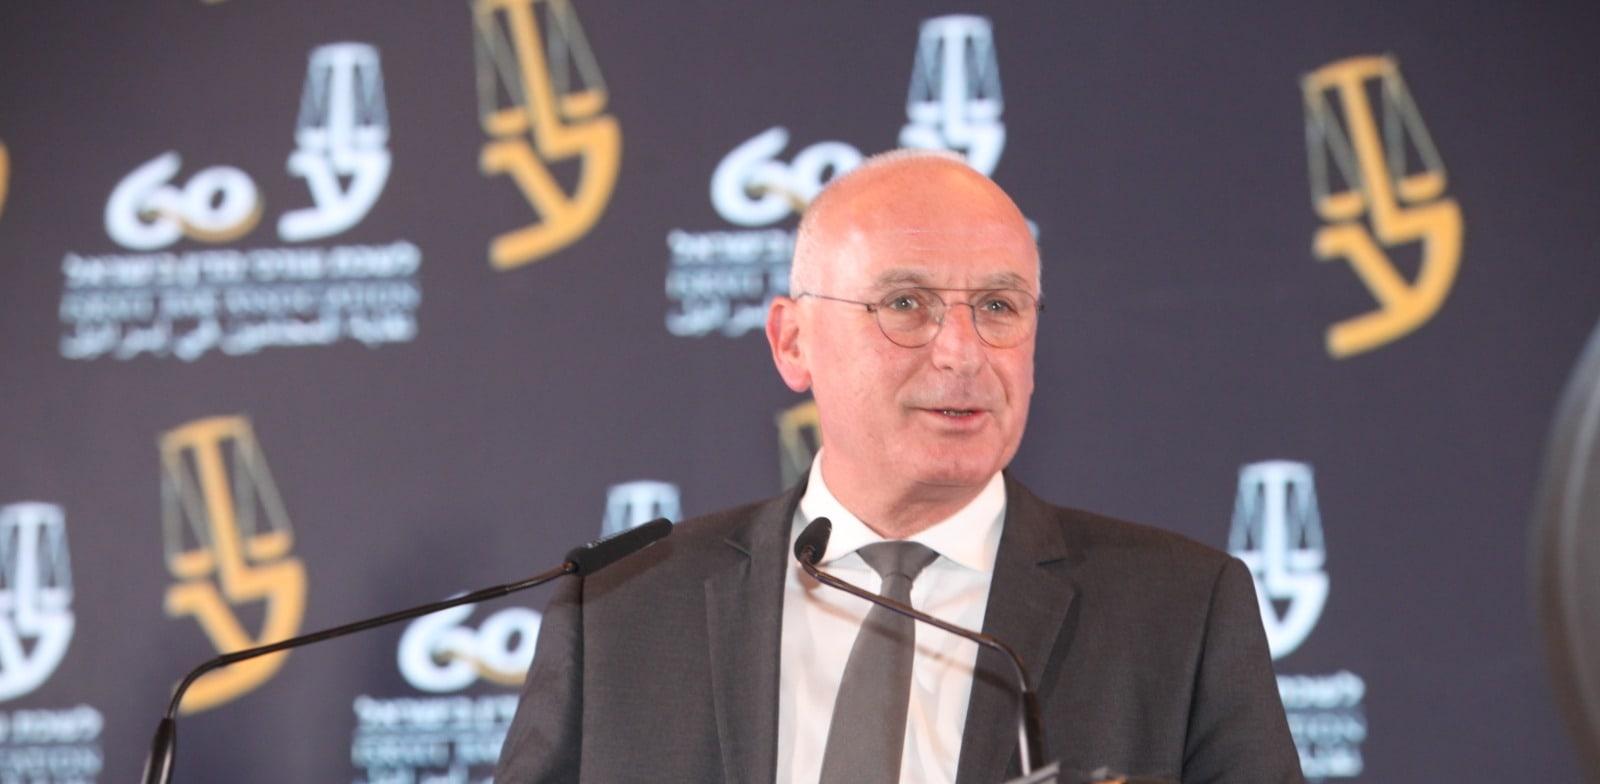 יאיר אבידן, המפקח על הבנקים / צילום: דוברות לשכת עורכי הדין